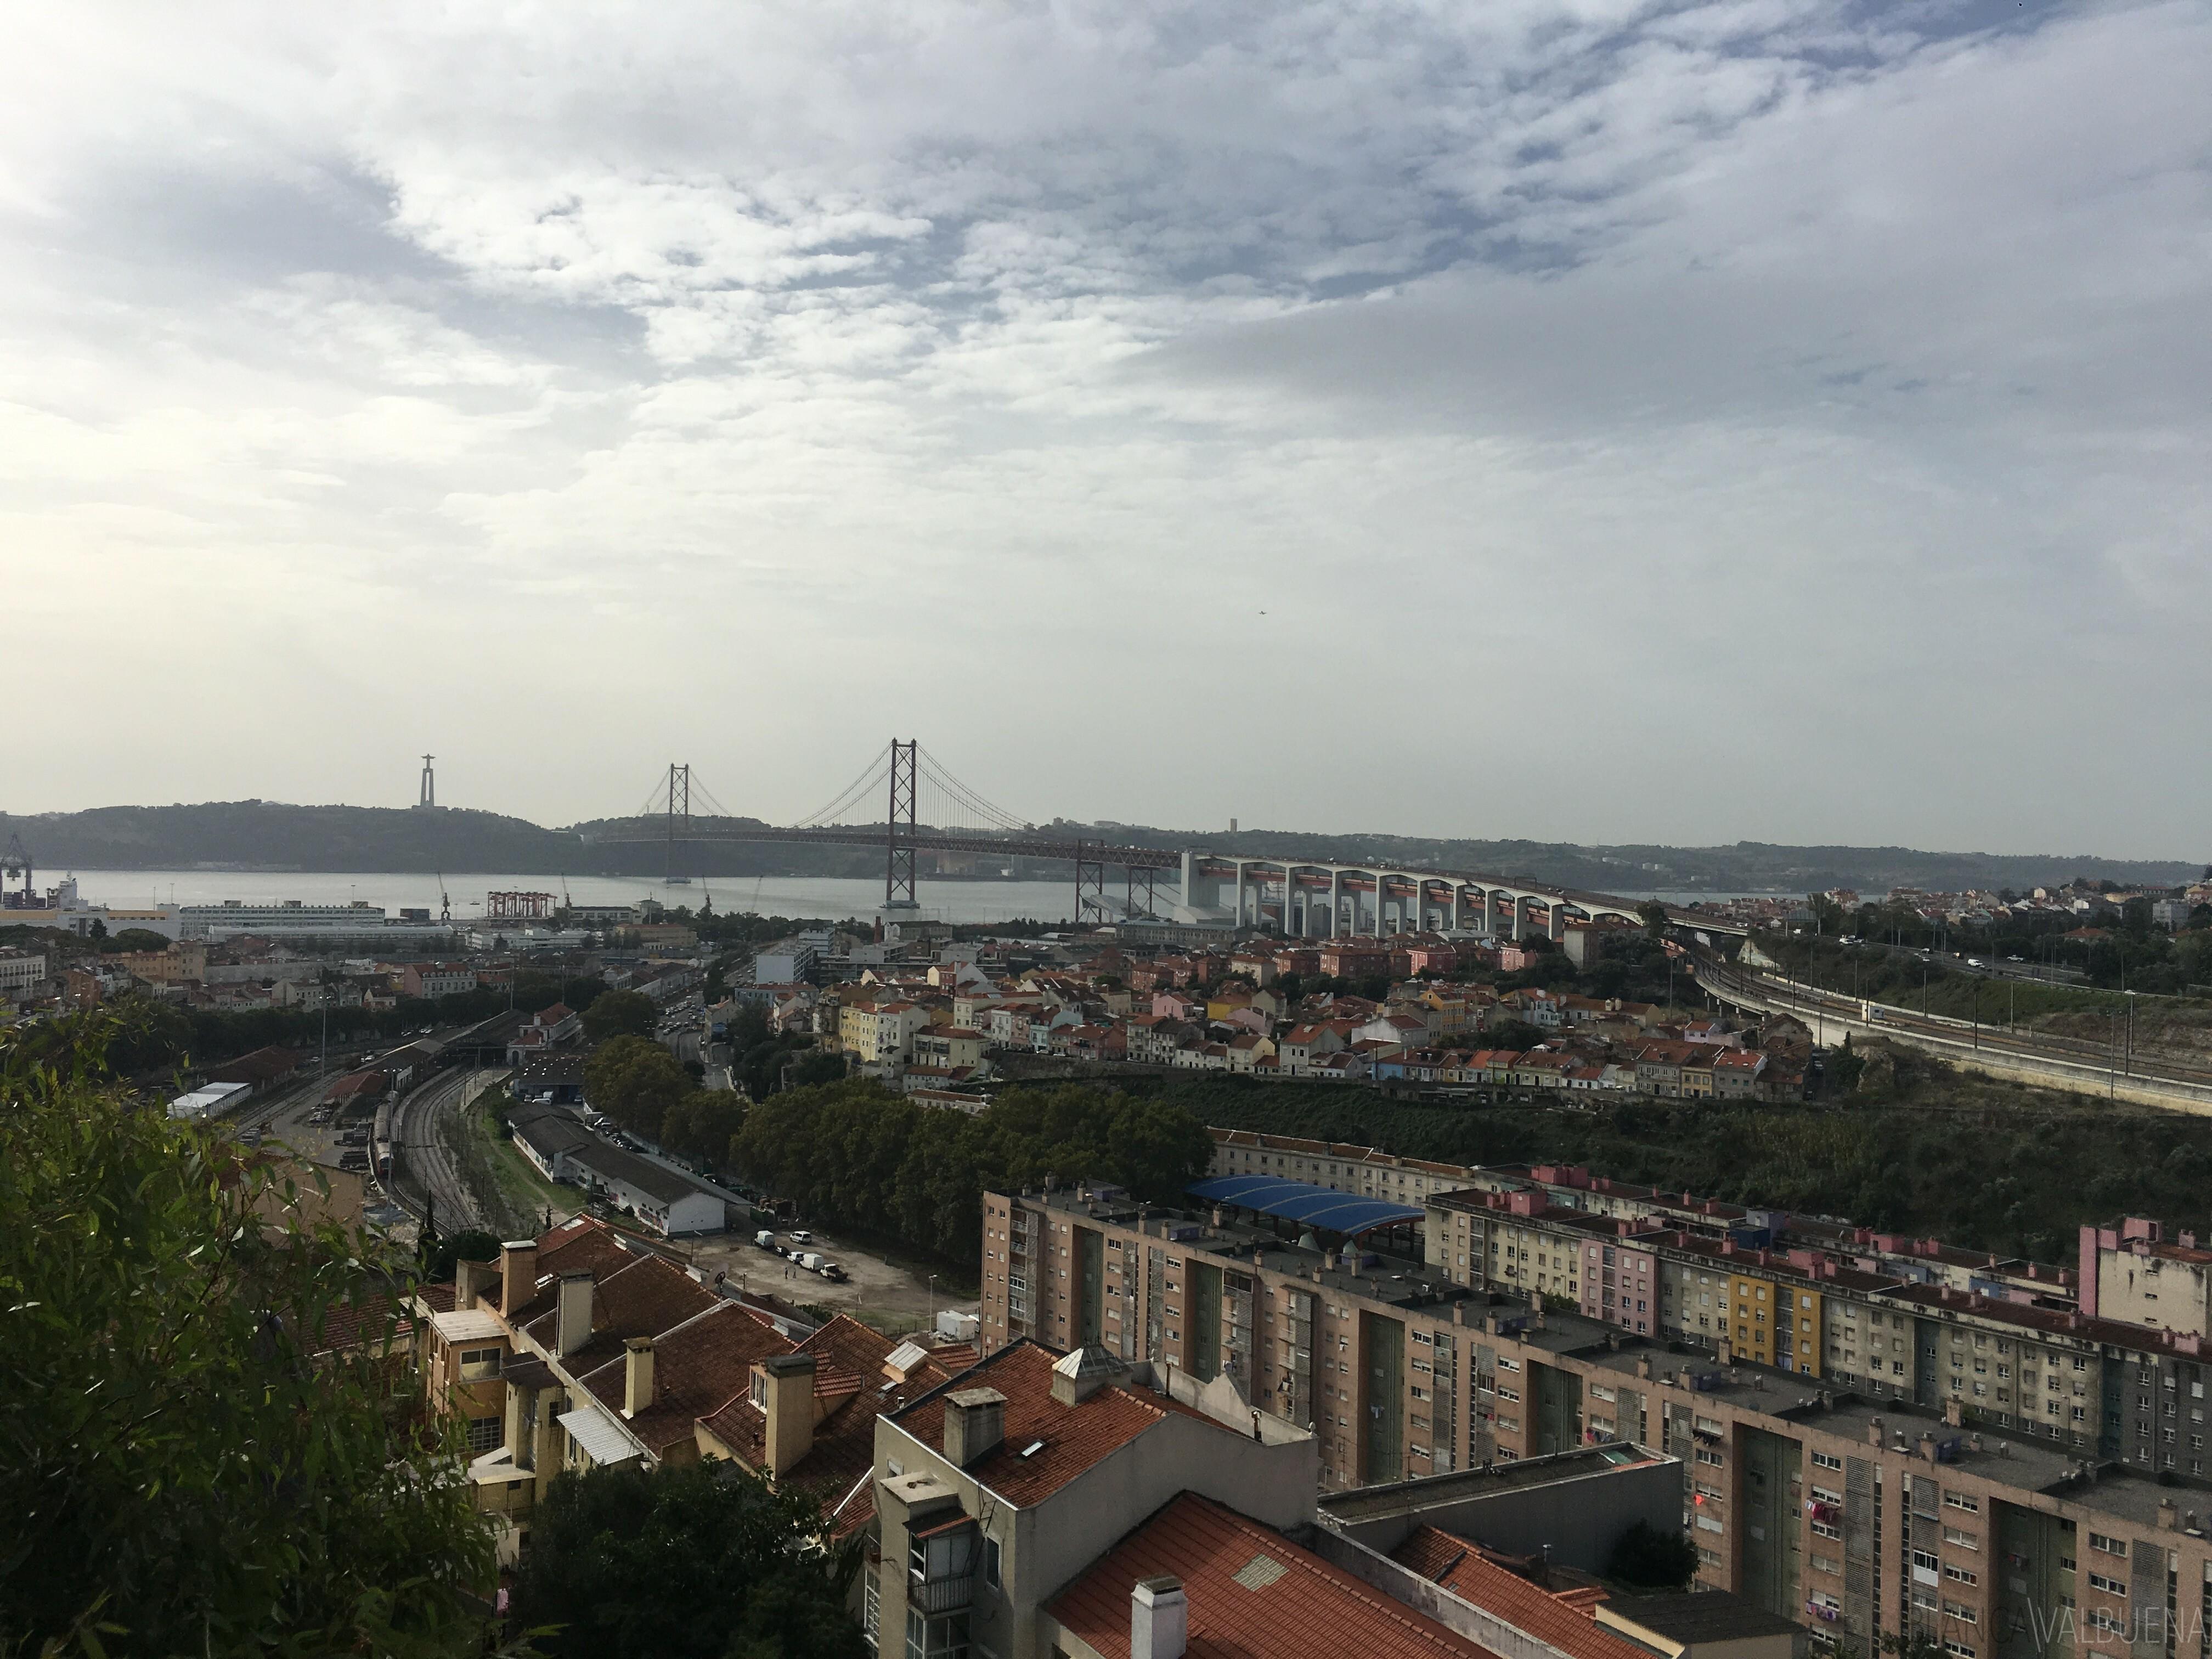 Prazeres Friedhof hat einen tollen Blick auf den April 25 Brücke